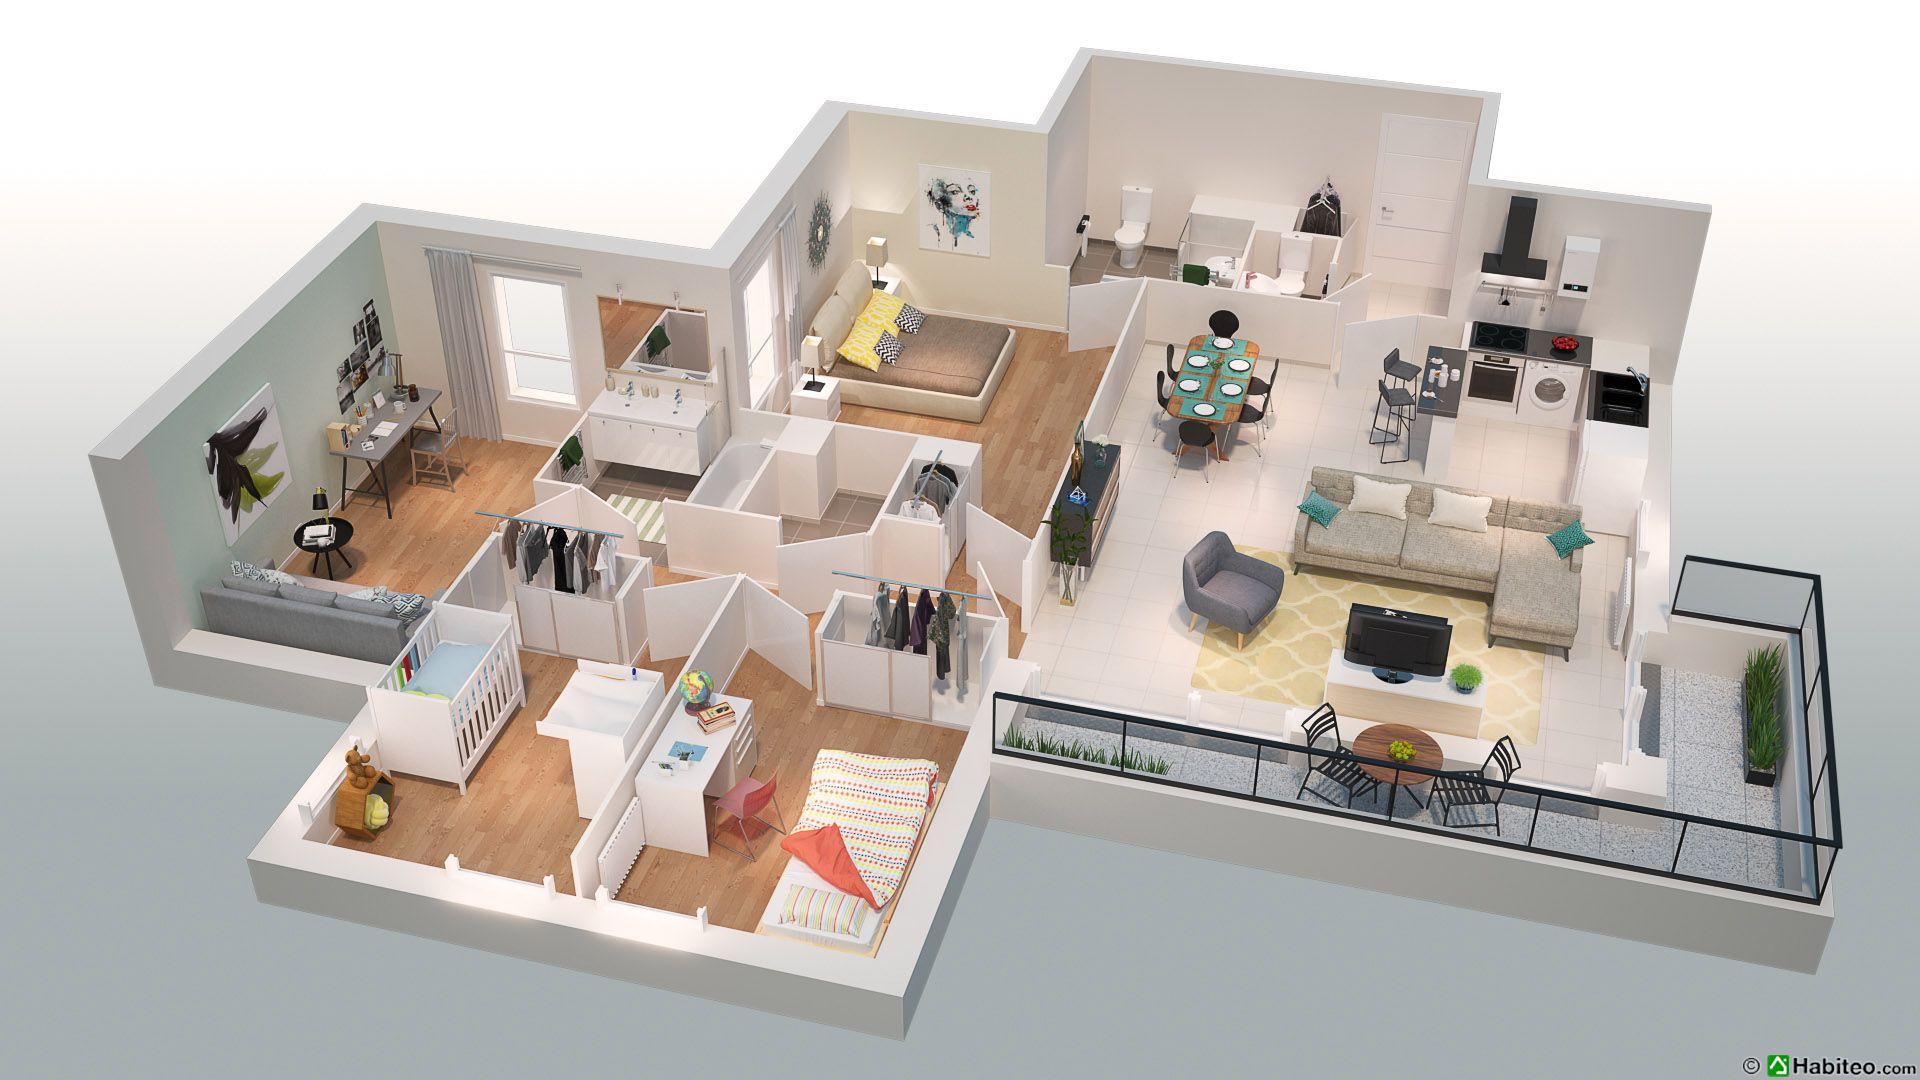 Plan 3d dun t5 du programme de la résidence les villas du fort situé